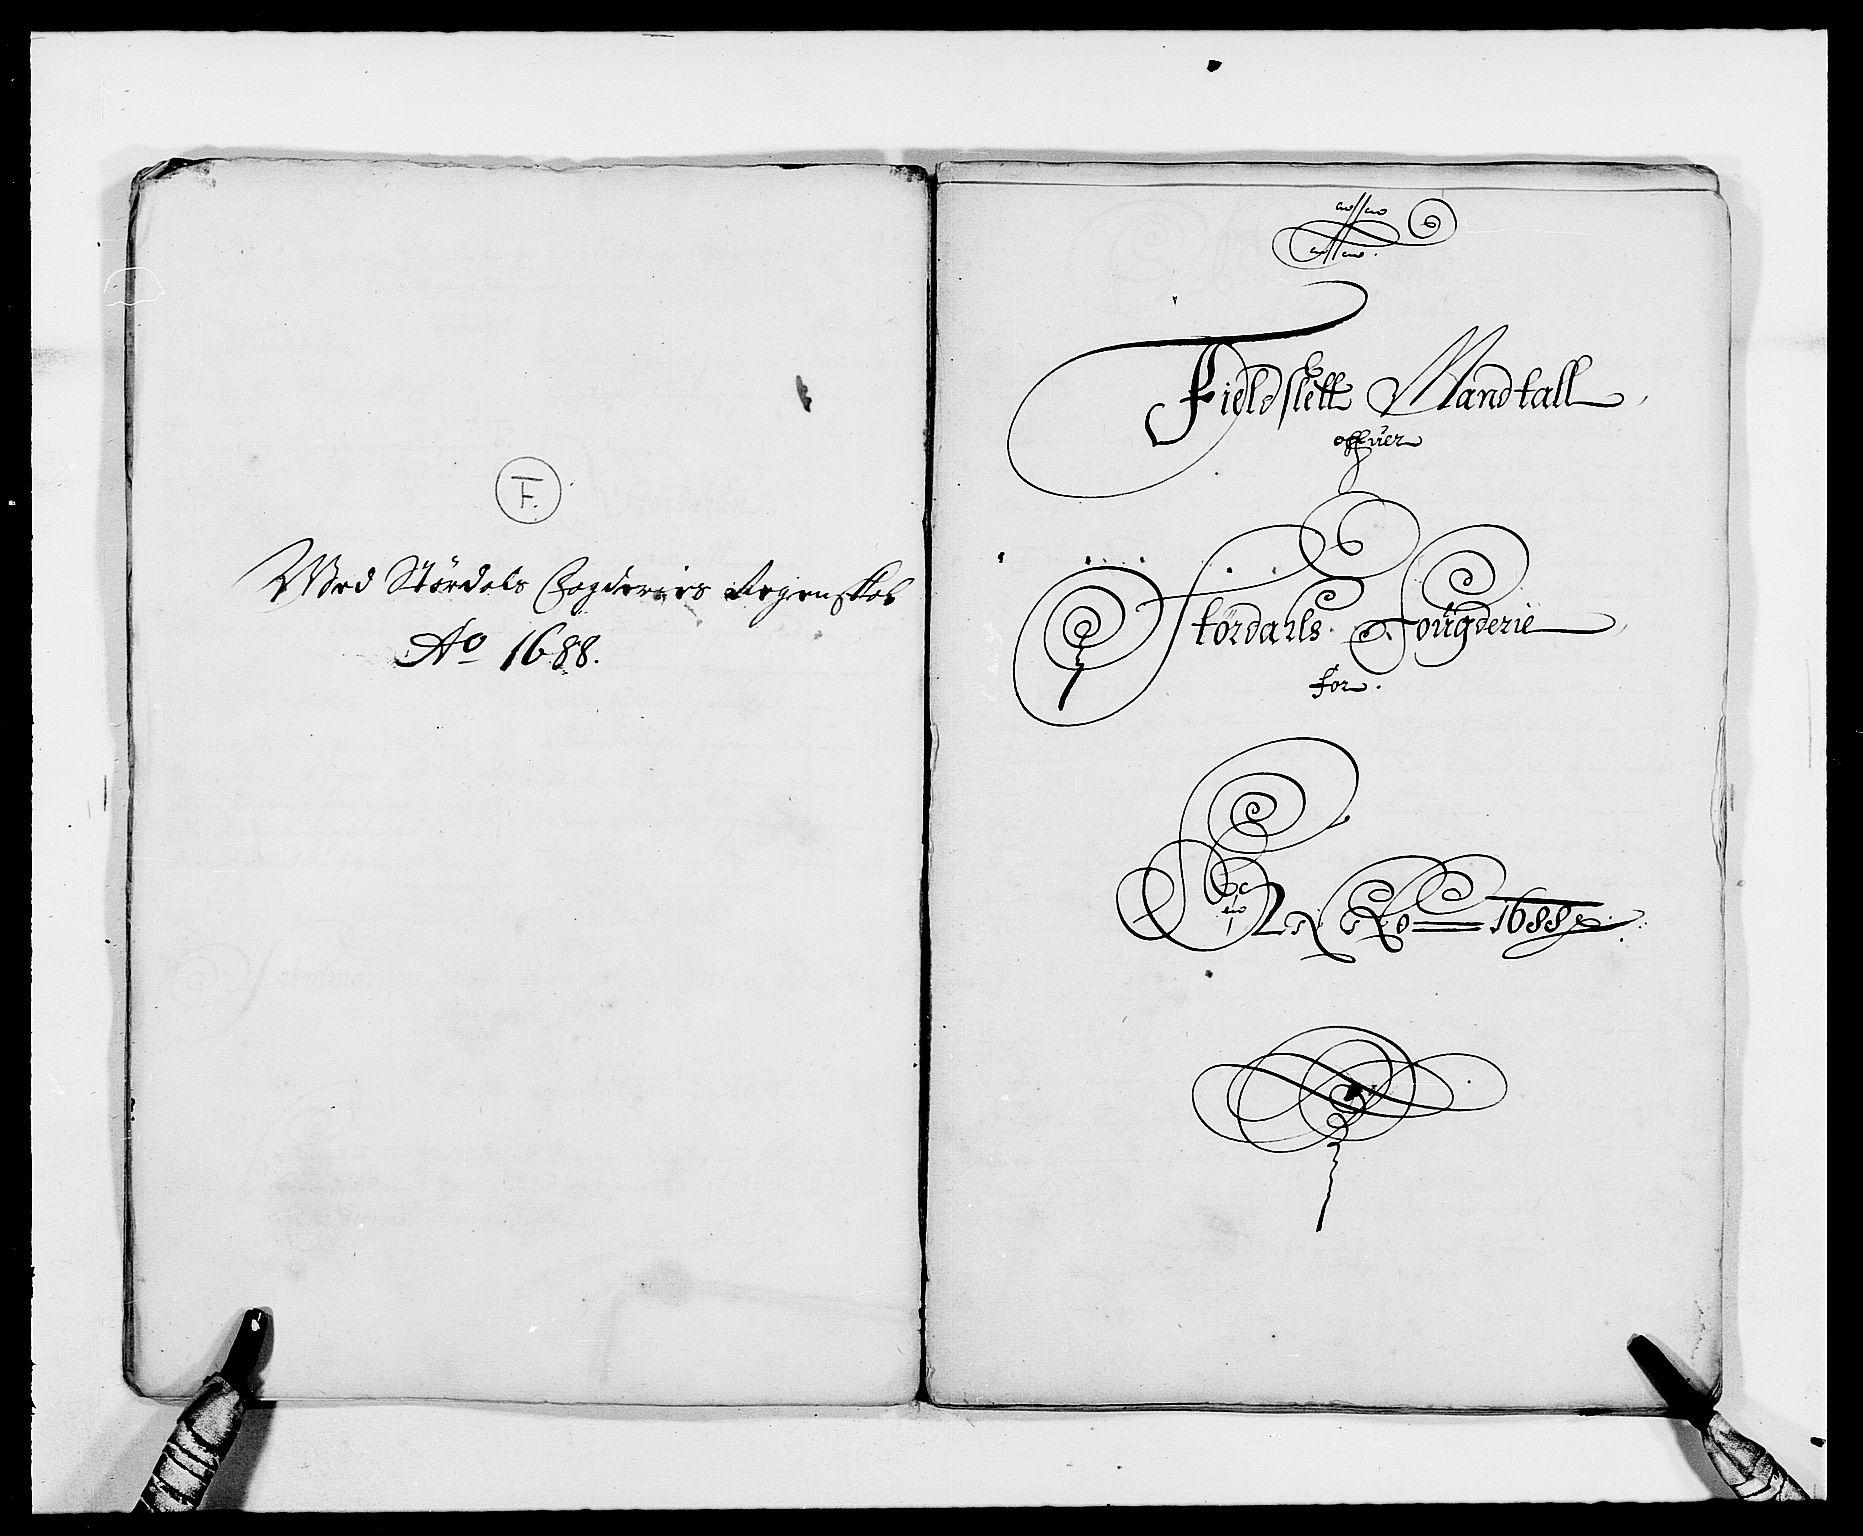 RA, Rentekammeret inntil 1814, Reviderte regnskaper, Fogderegnskap, R62/L4183: Fogderegnskap Stjørdal og Verdal, 1687-1689, s. 219